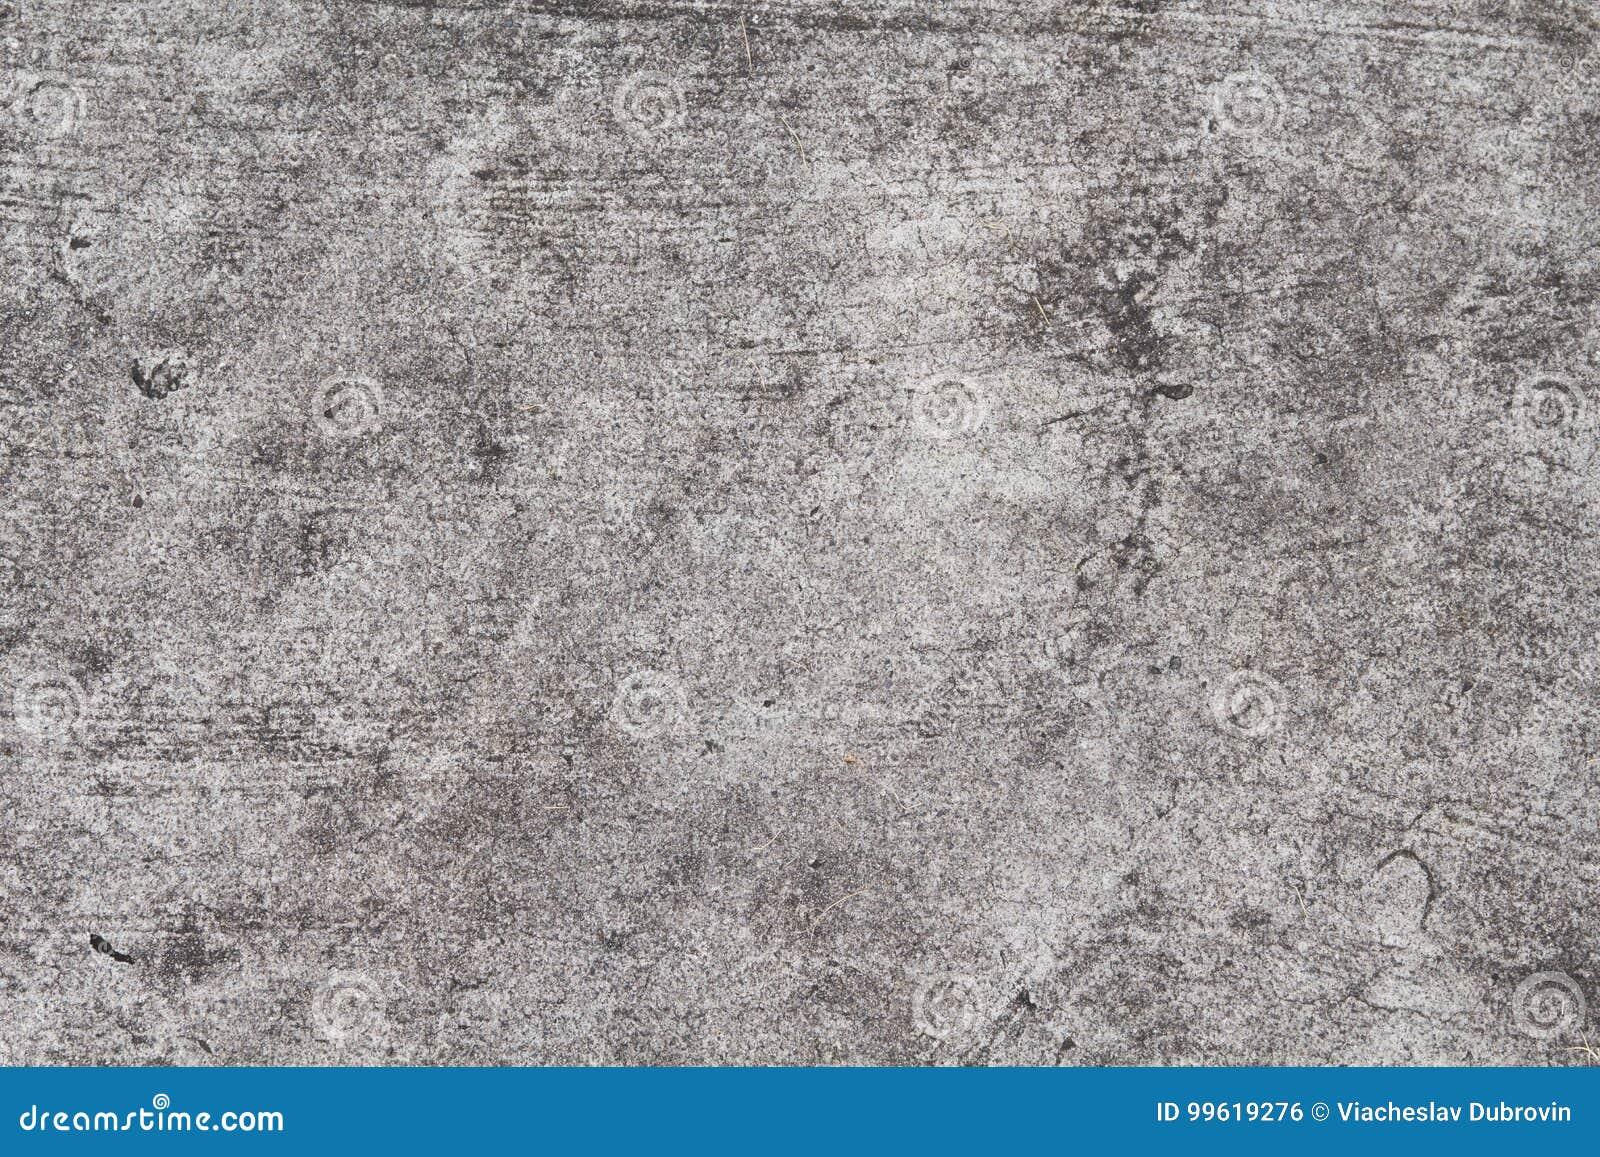 συγκεκριμένη σύσταση grunge Γκρίζα φωτογραφία οδικής τοπ άποψης ασφάλτου Στενοχωρημένη και ξεπερασμένη σύσταση υποβάθρου